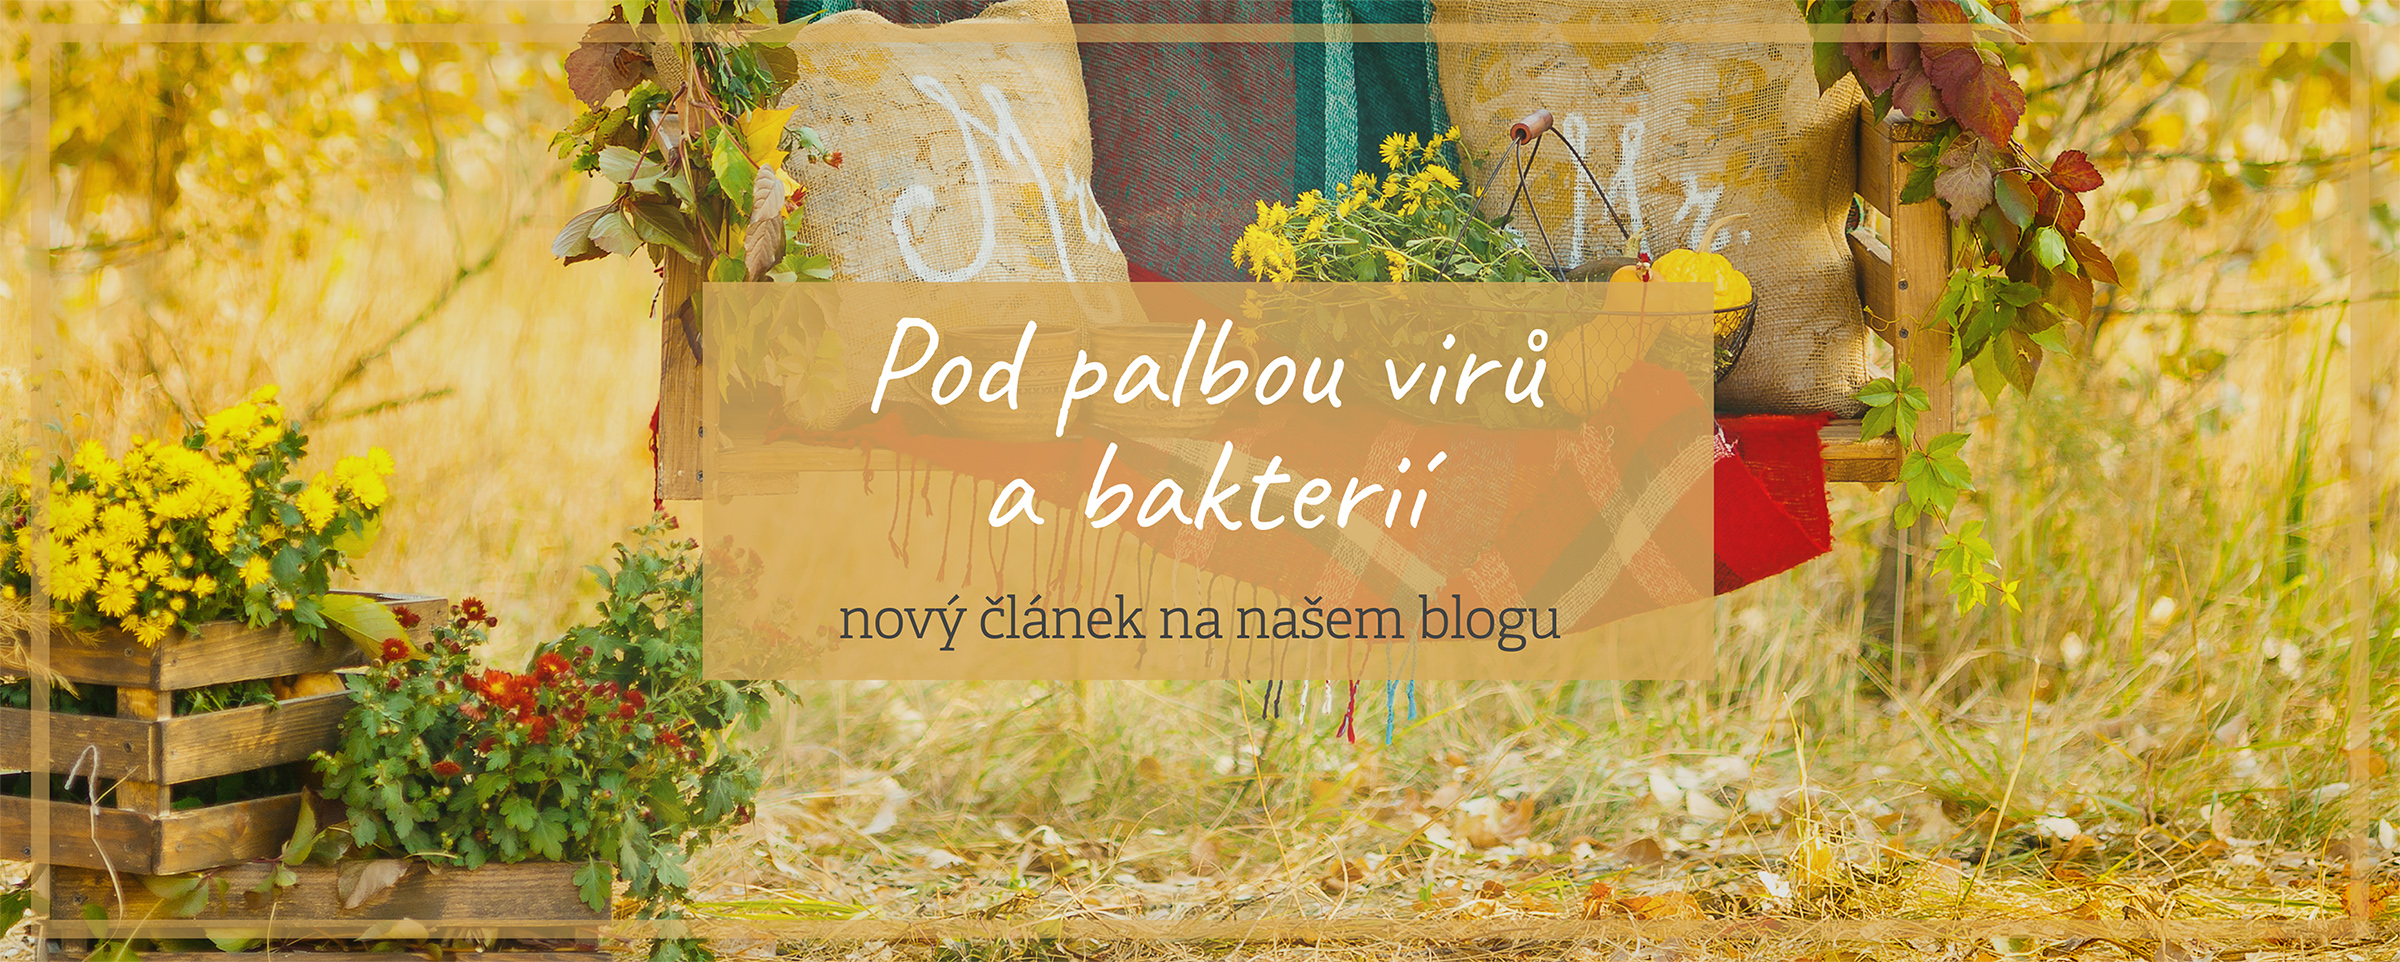 Blog imunita podzim nemoci přírodní péče byliny